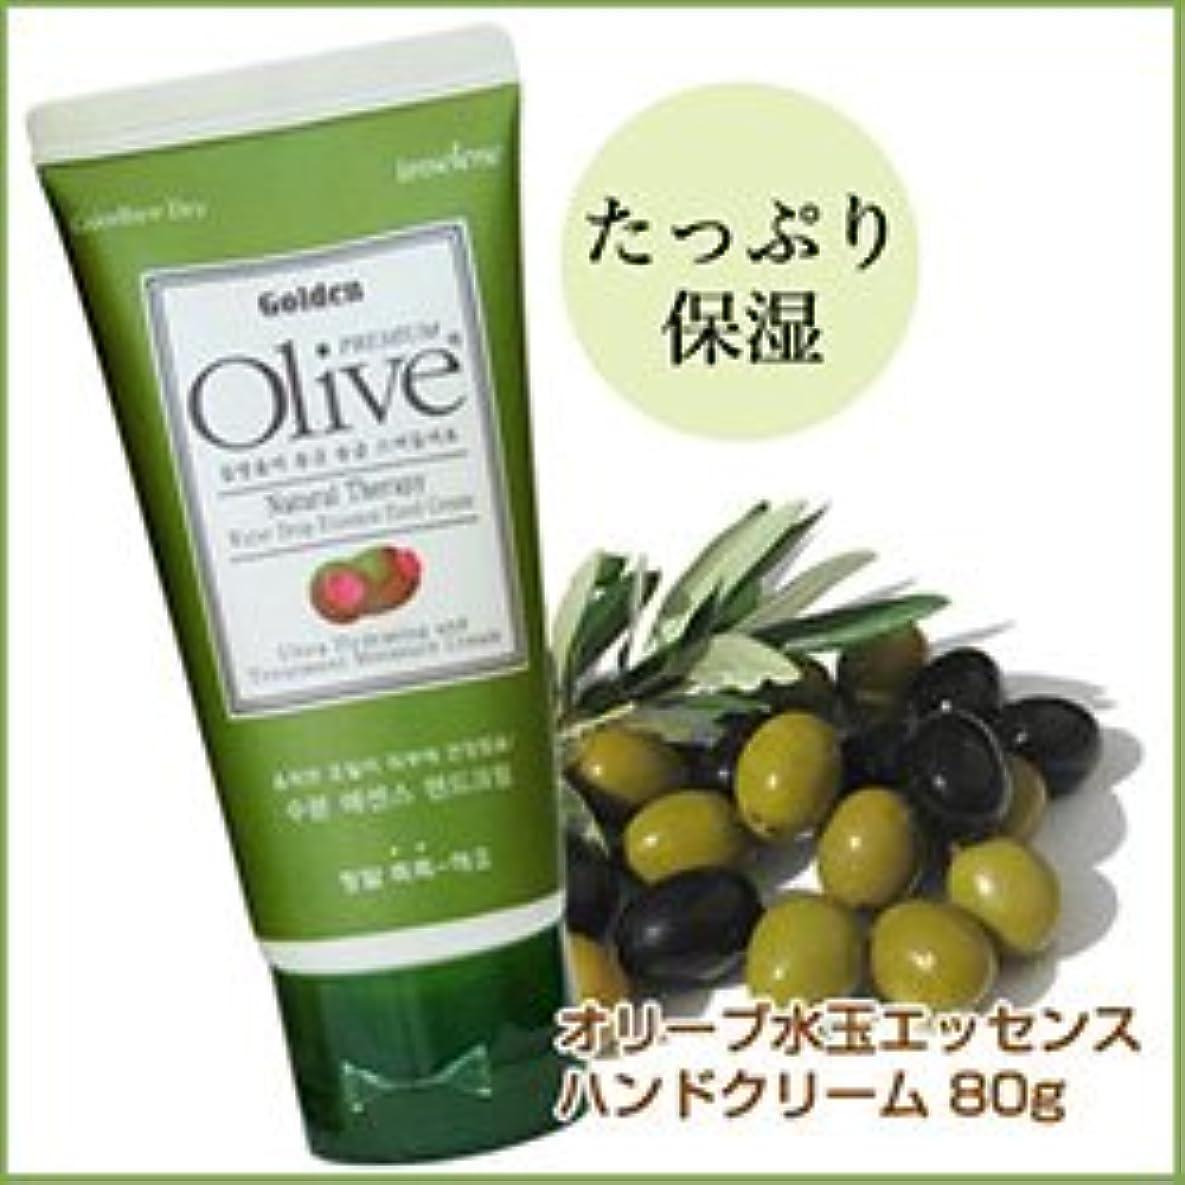 便利クライマックス摂氏度【韓国コスメ】天然オリーブオイル ハンドクリーム80g